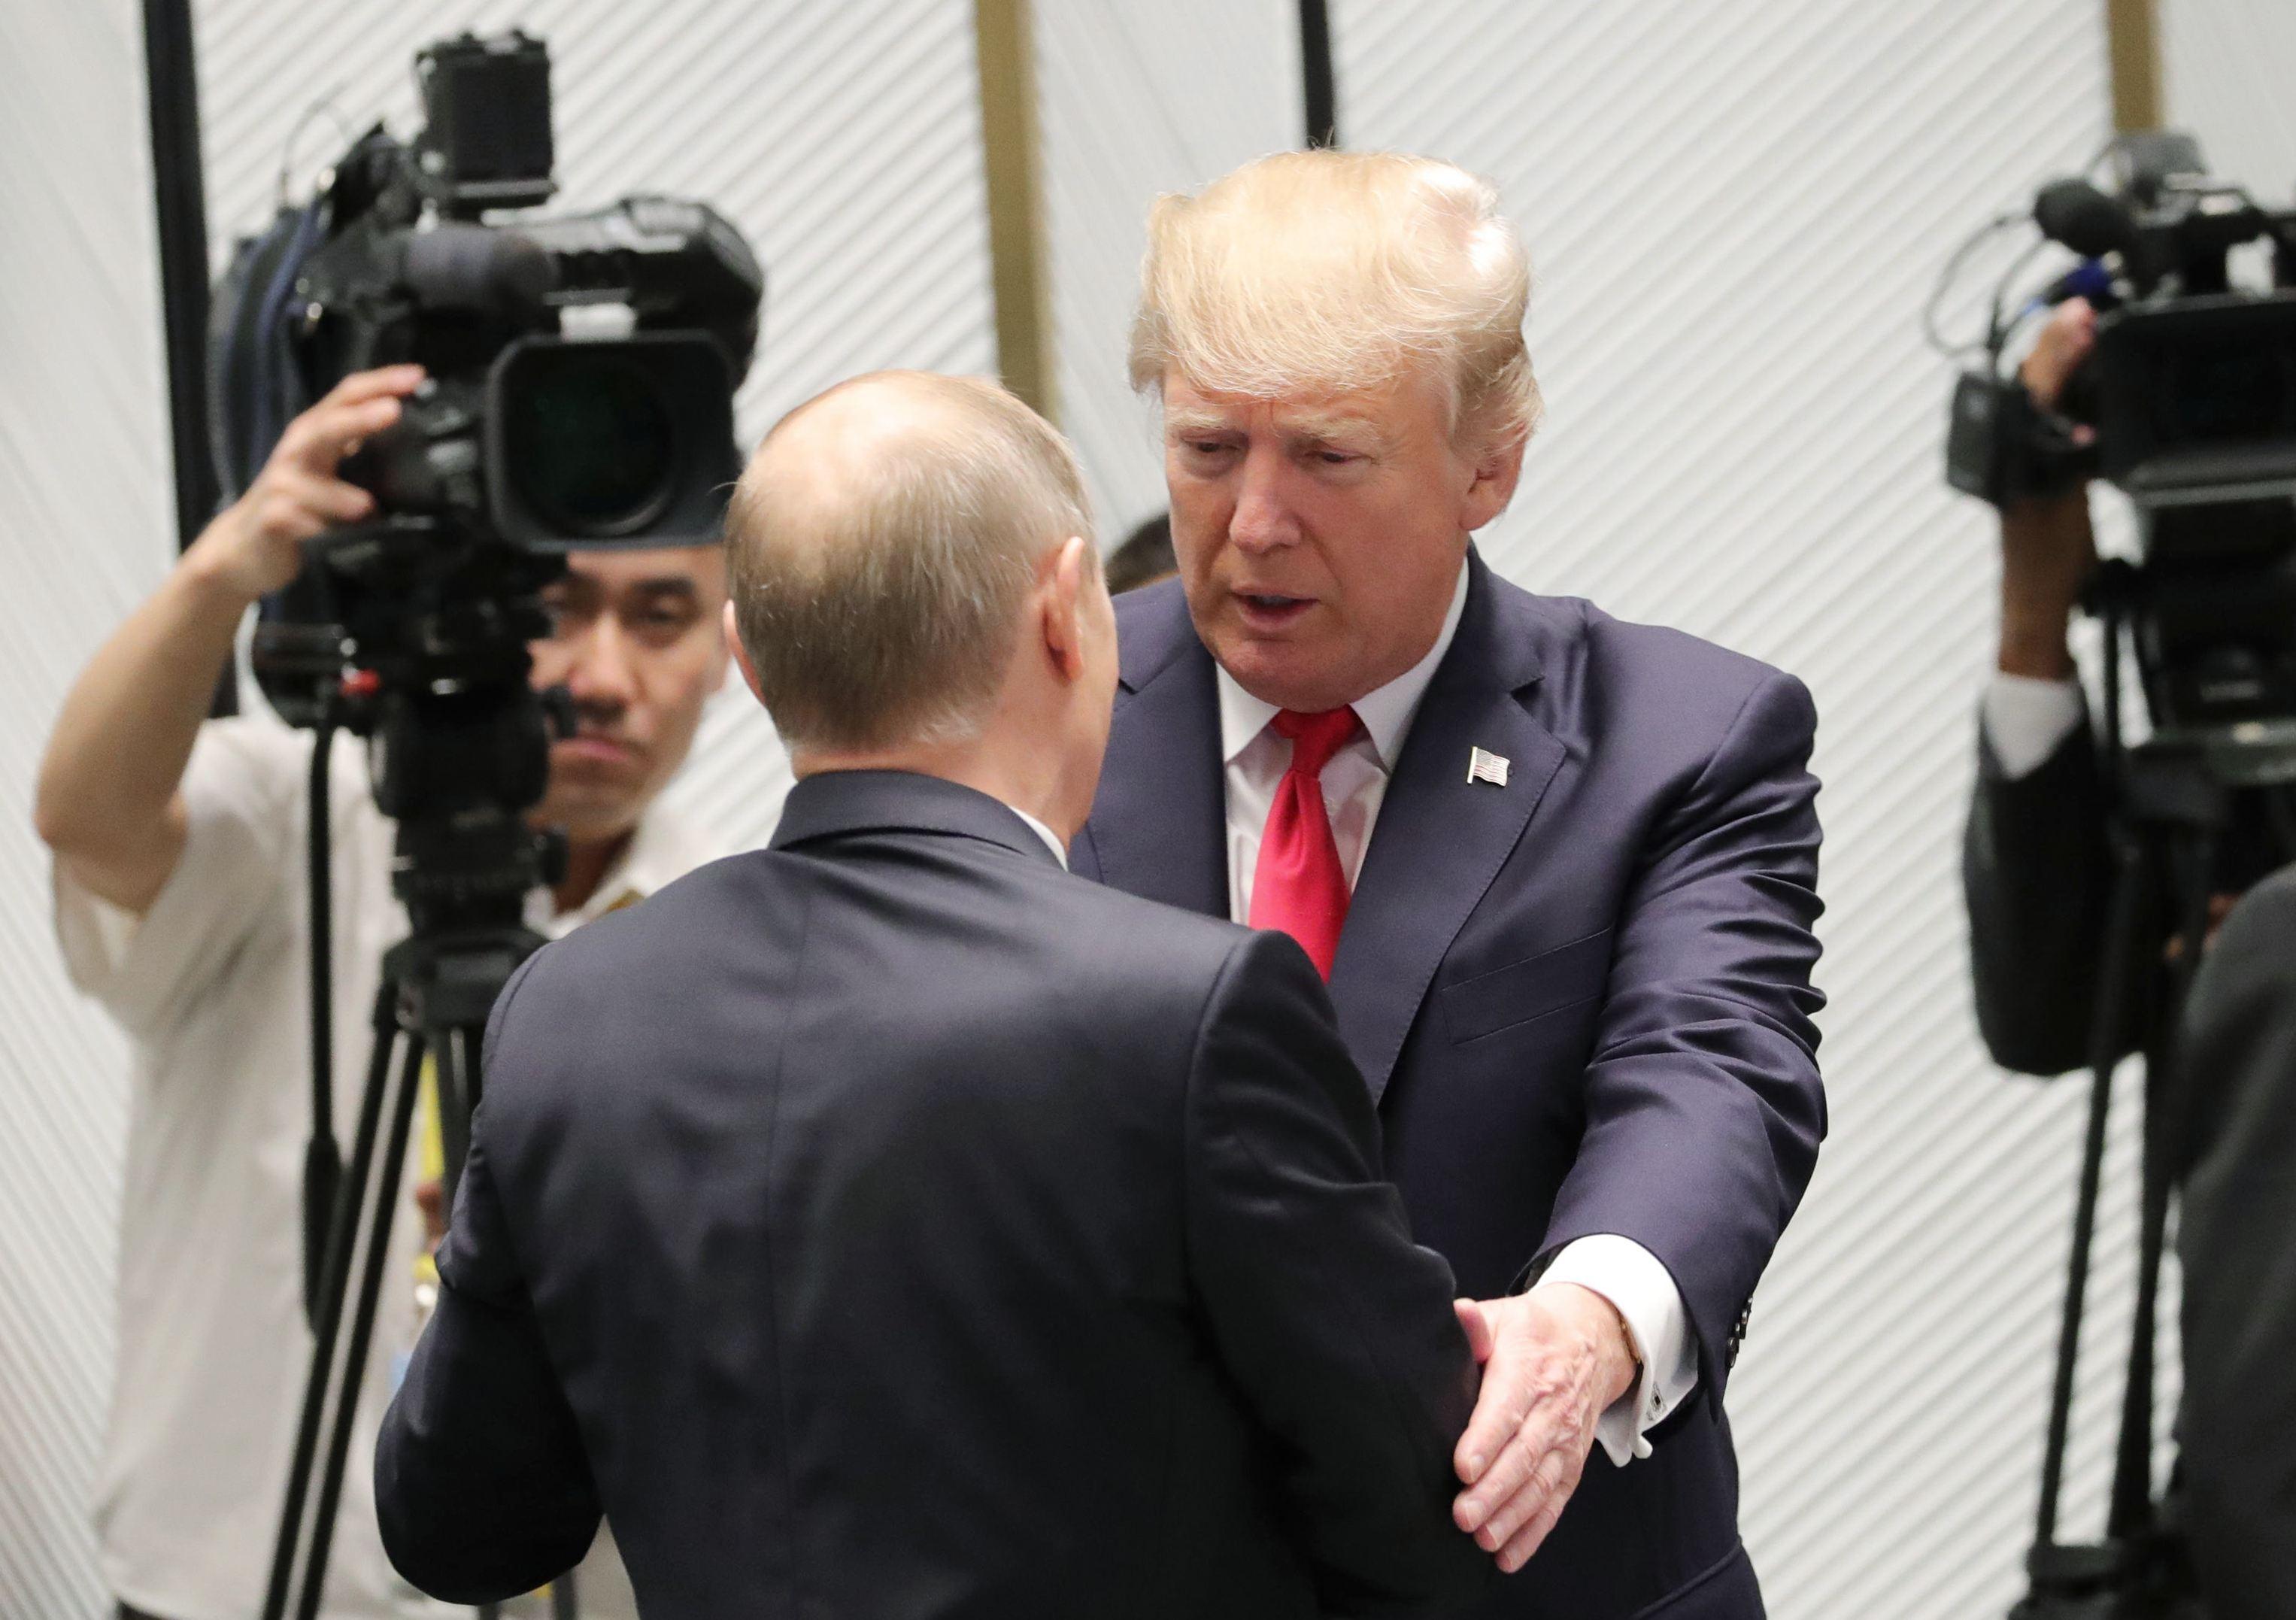 reactia-rusiei-dupa-ce-trump-nu-la-felicitat-pe-putin-pentru-c